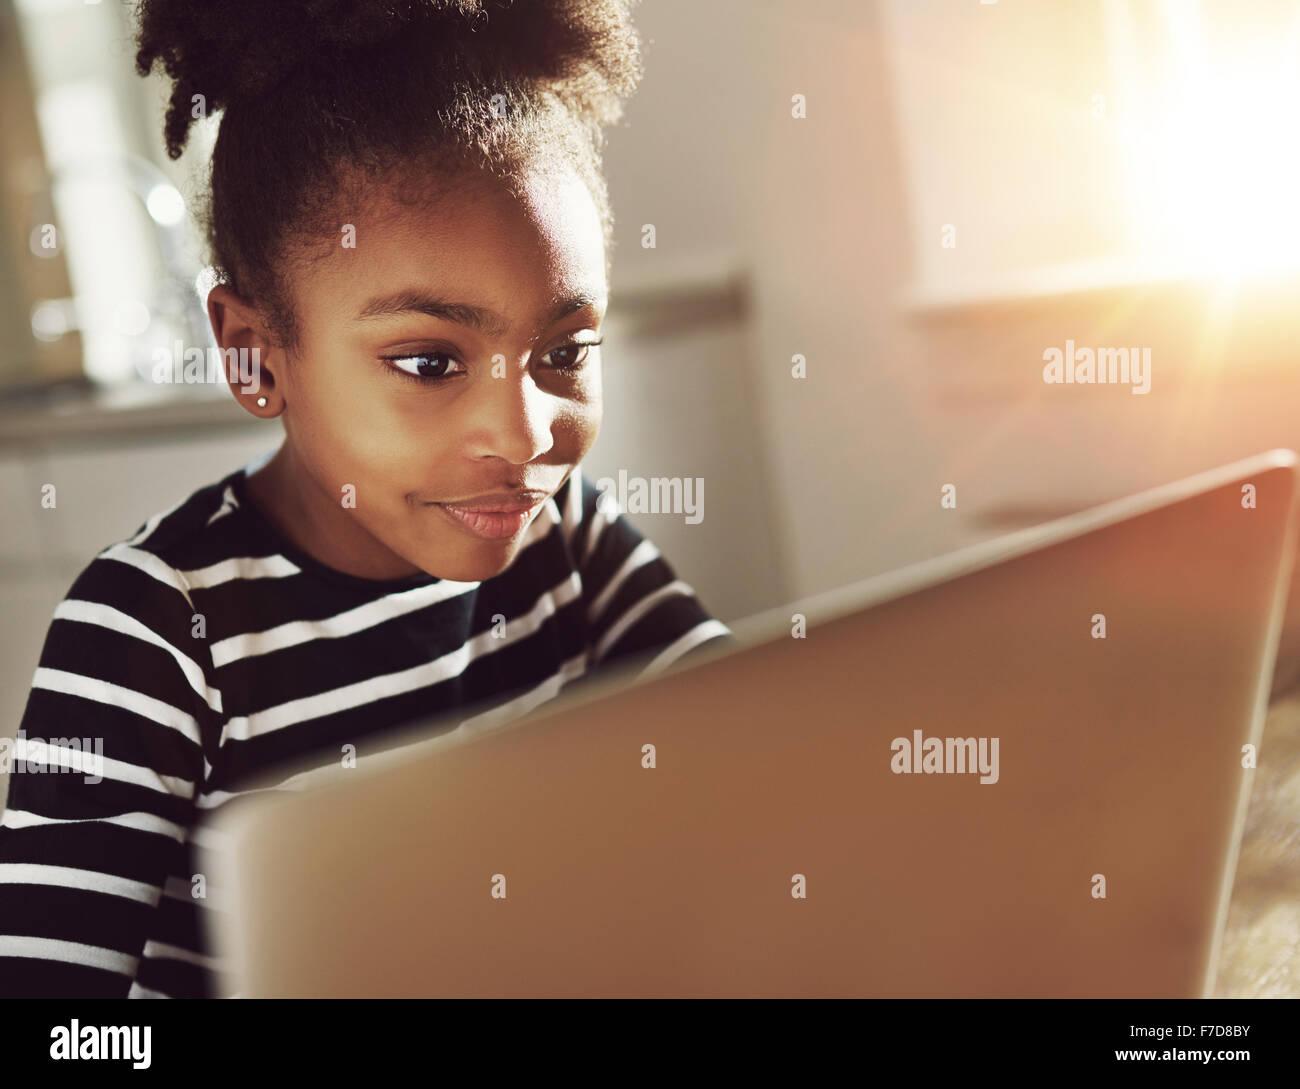 Lächelnd schwarze Mädchen mit einem Laptop zu Hause sitzen Lesen der Informationen auf dem Bildschirm Stockbild